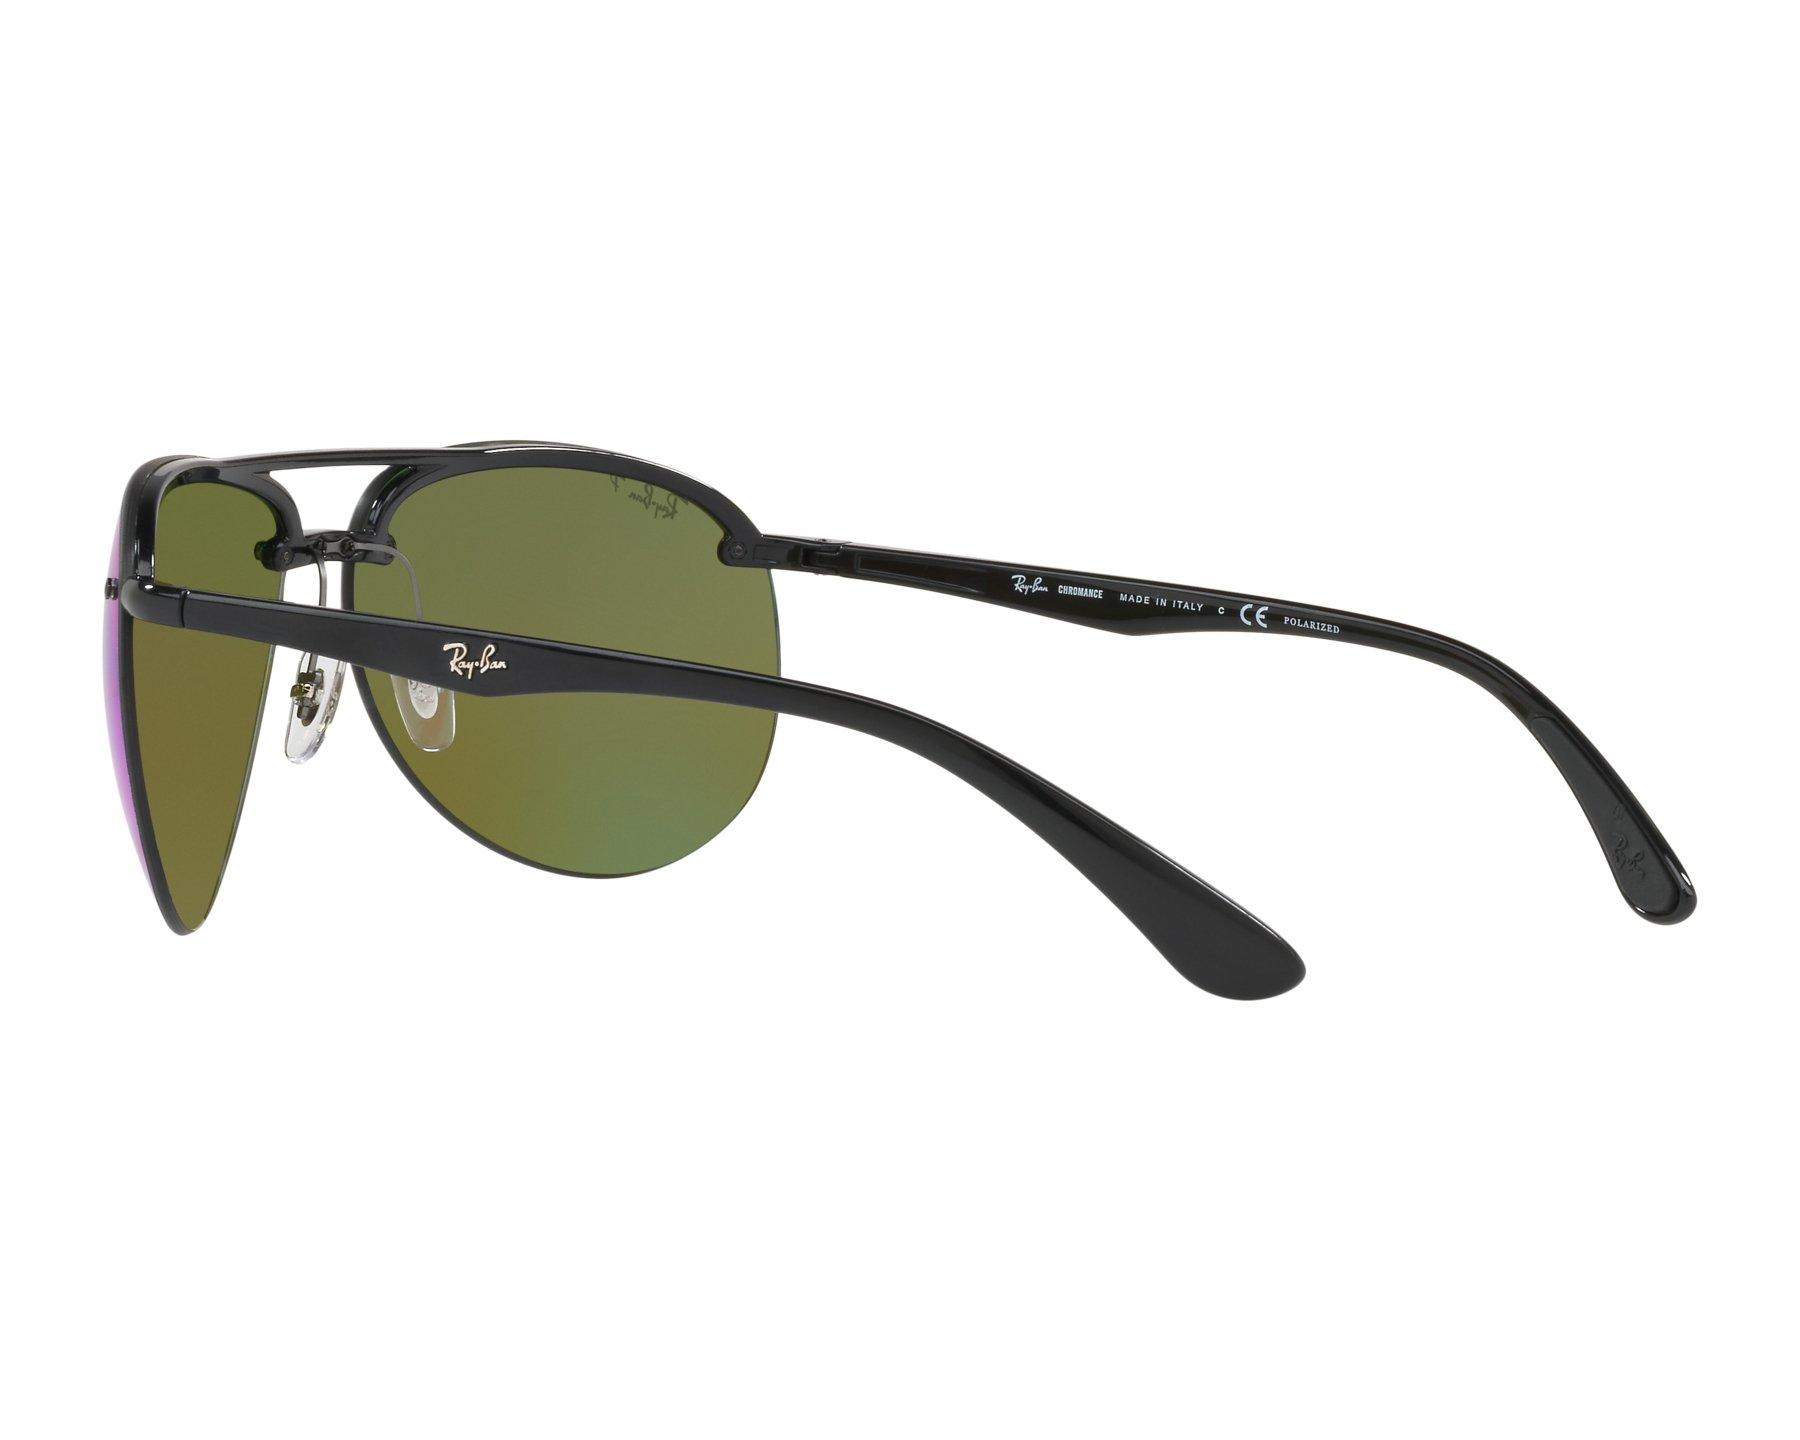 d3048b0459 Sunglasses Ray-Ban RB-4293-CH 601 A1 64-13 Black